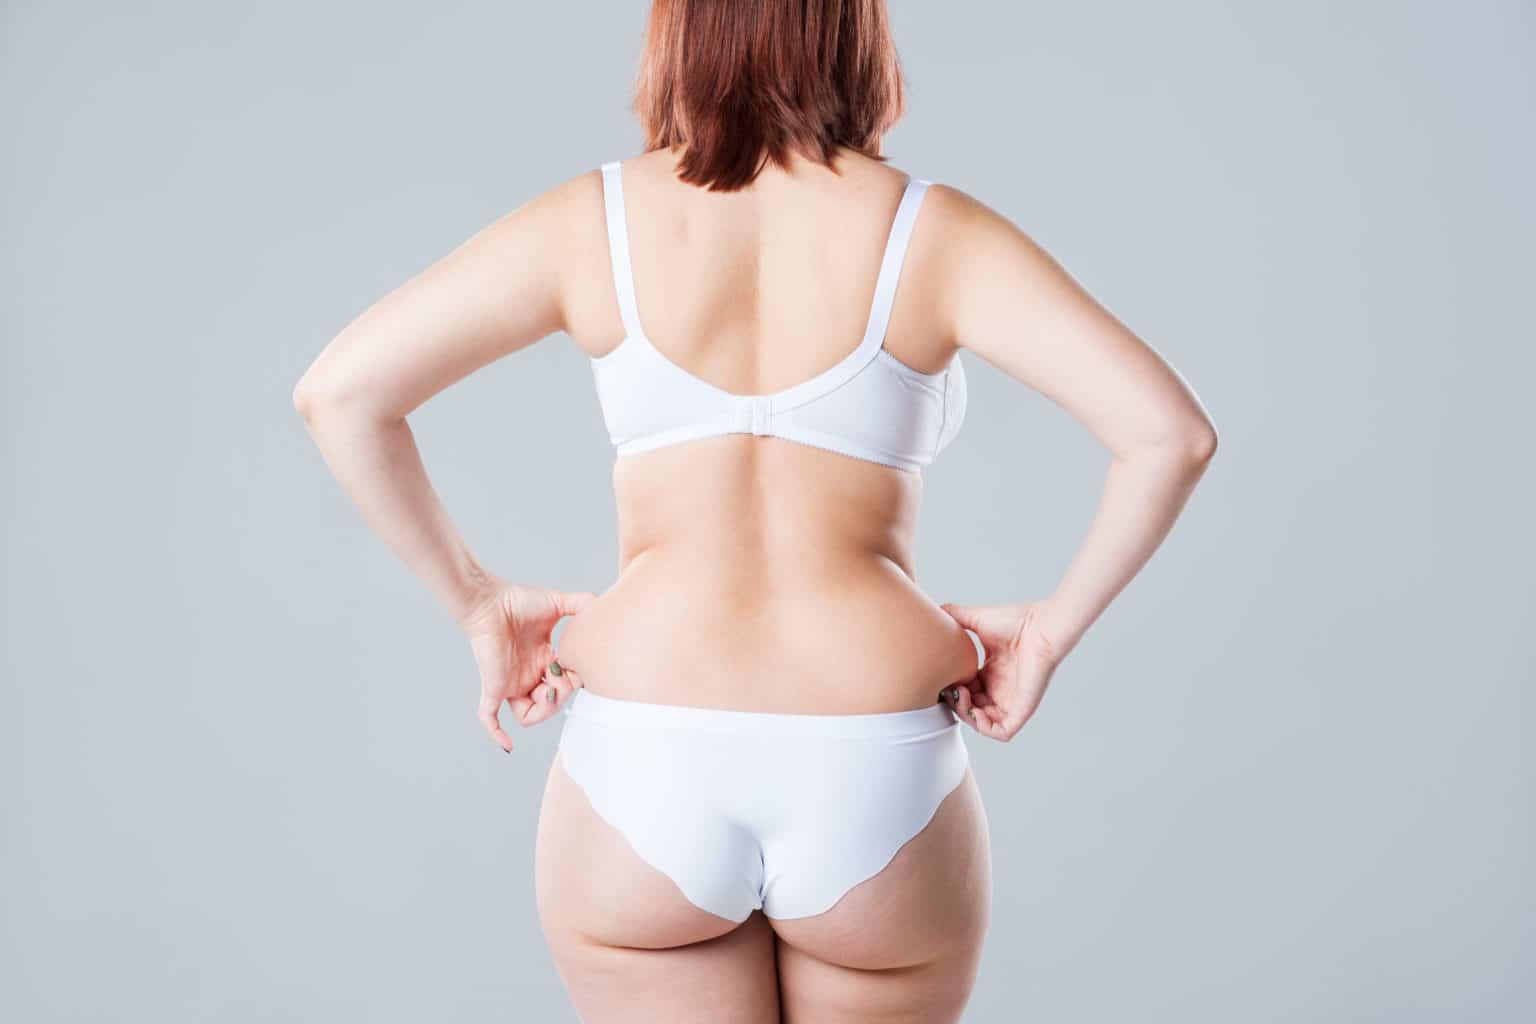 Fettsugning överviktig kvinna